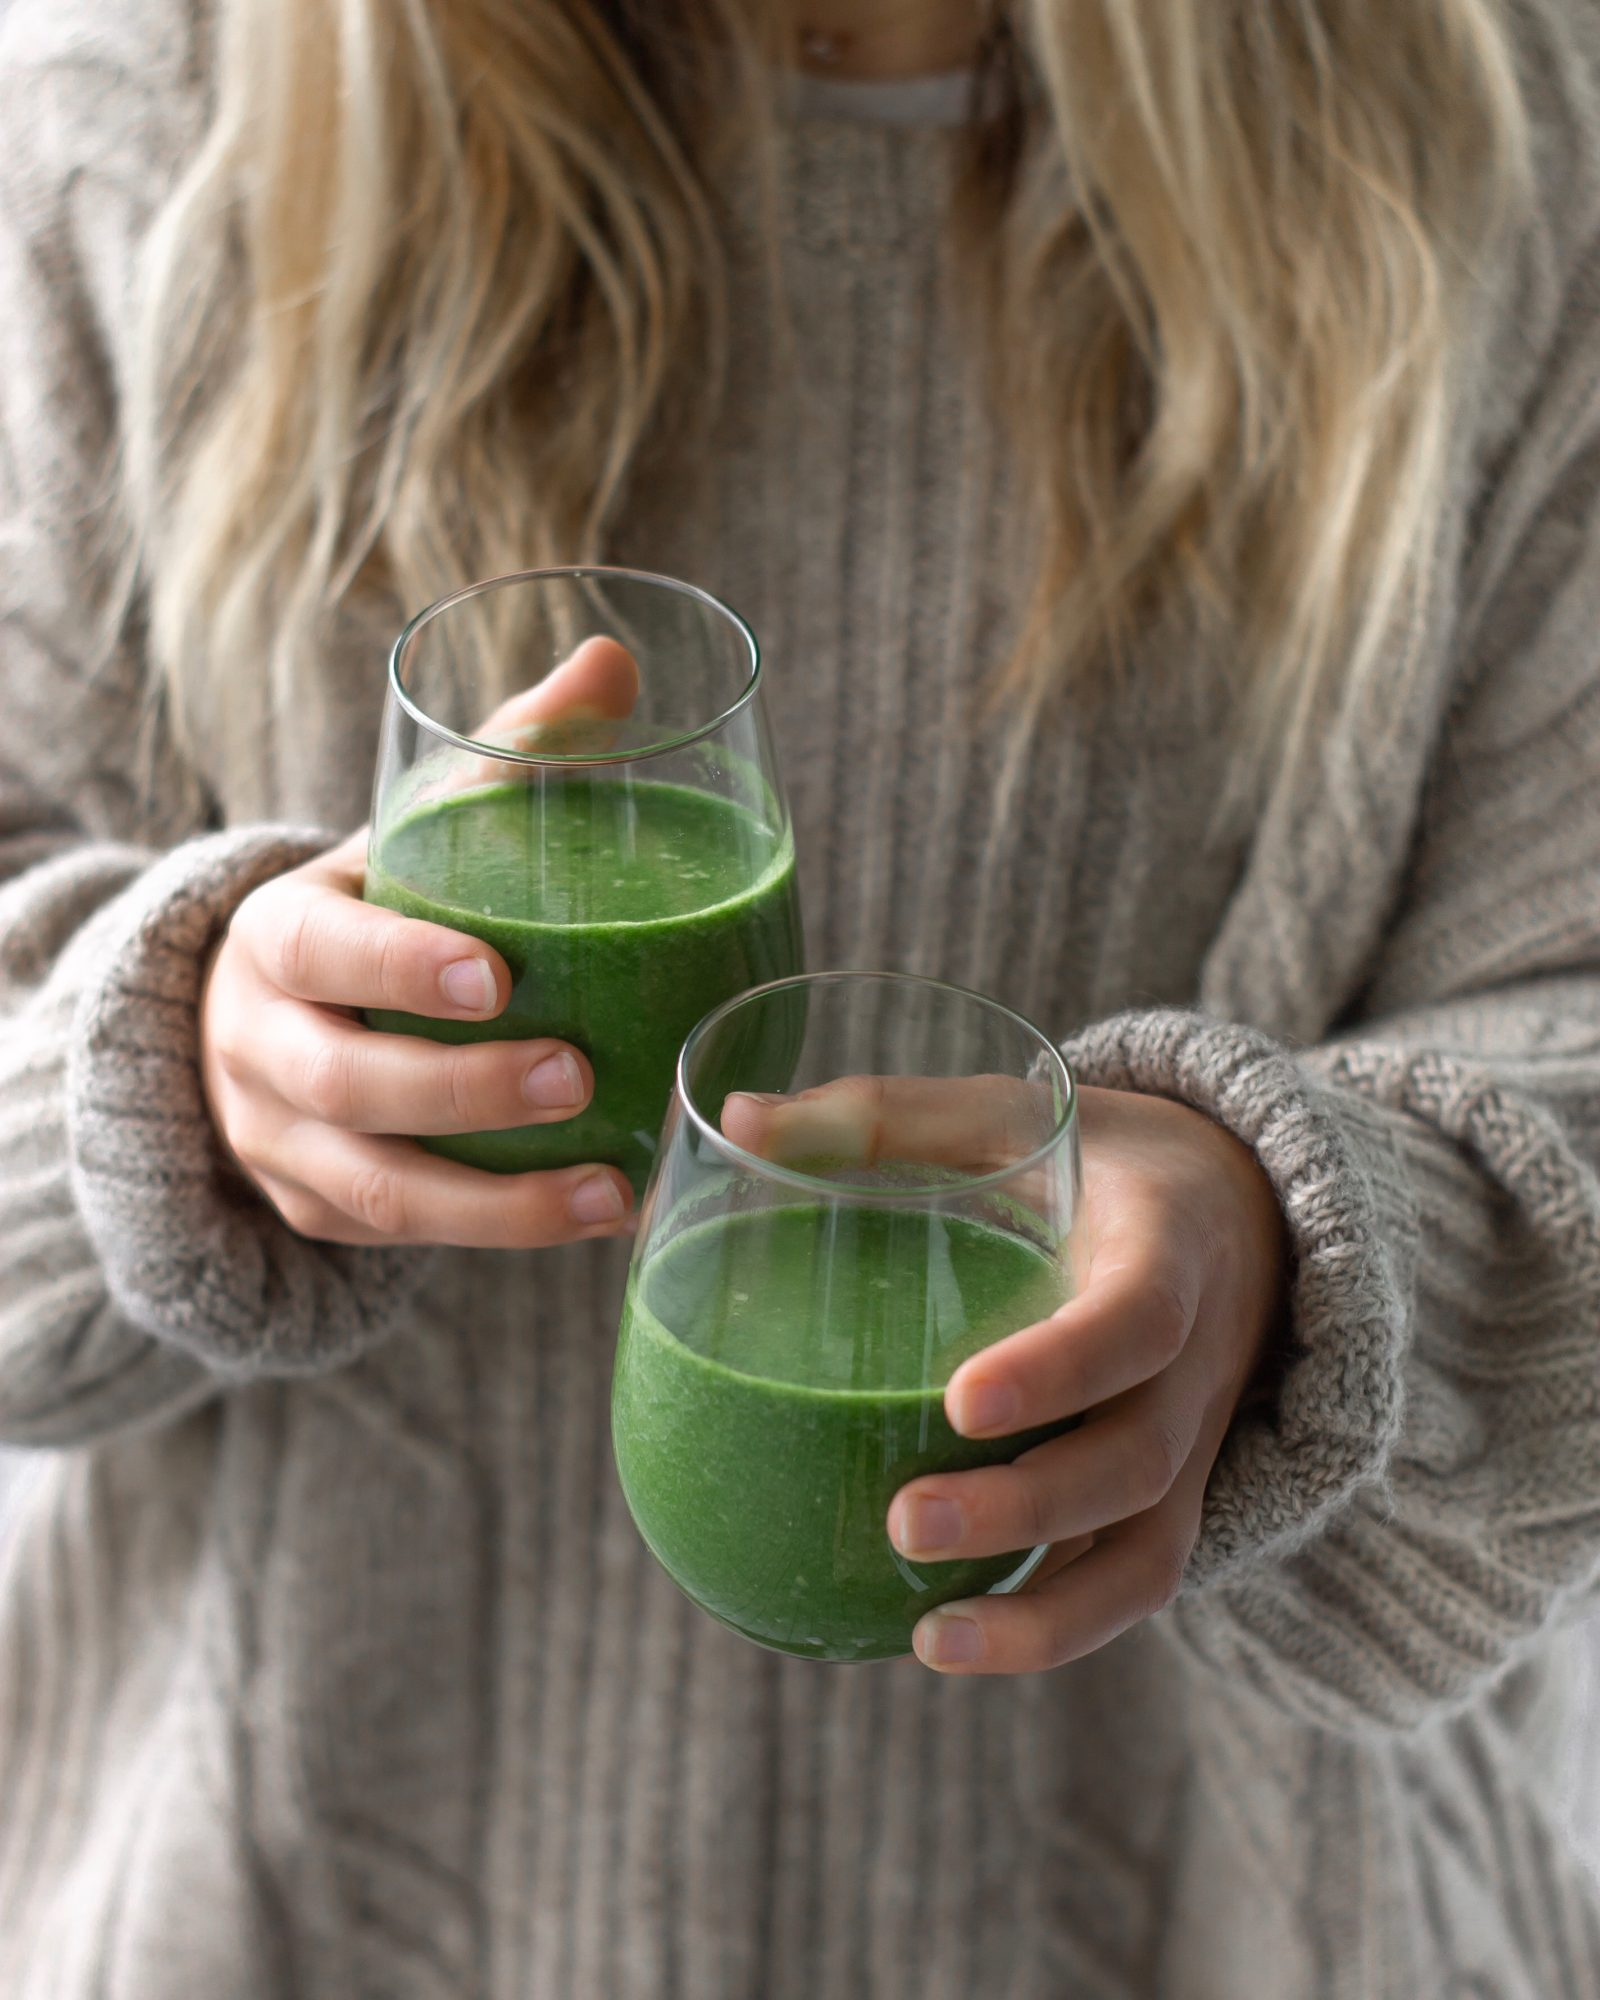 Recipe: Zesty Green Smoothie